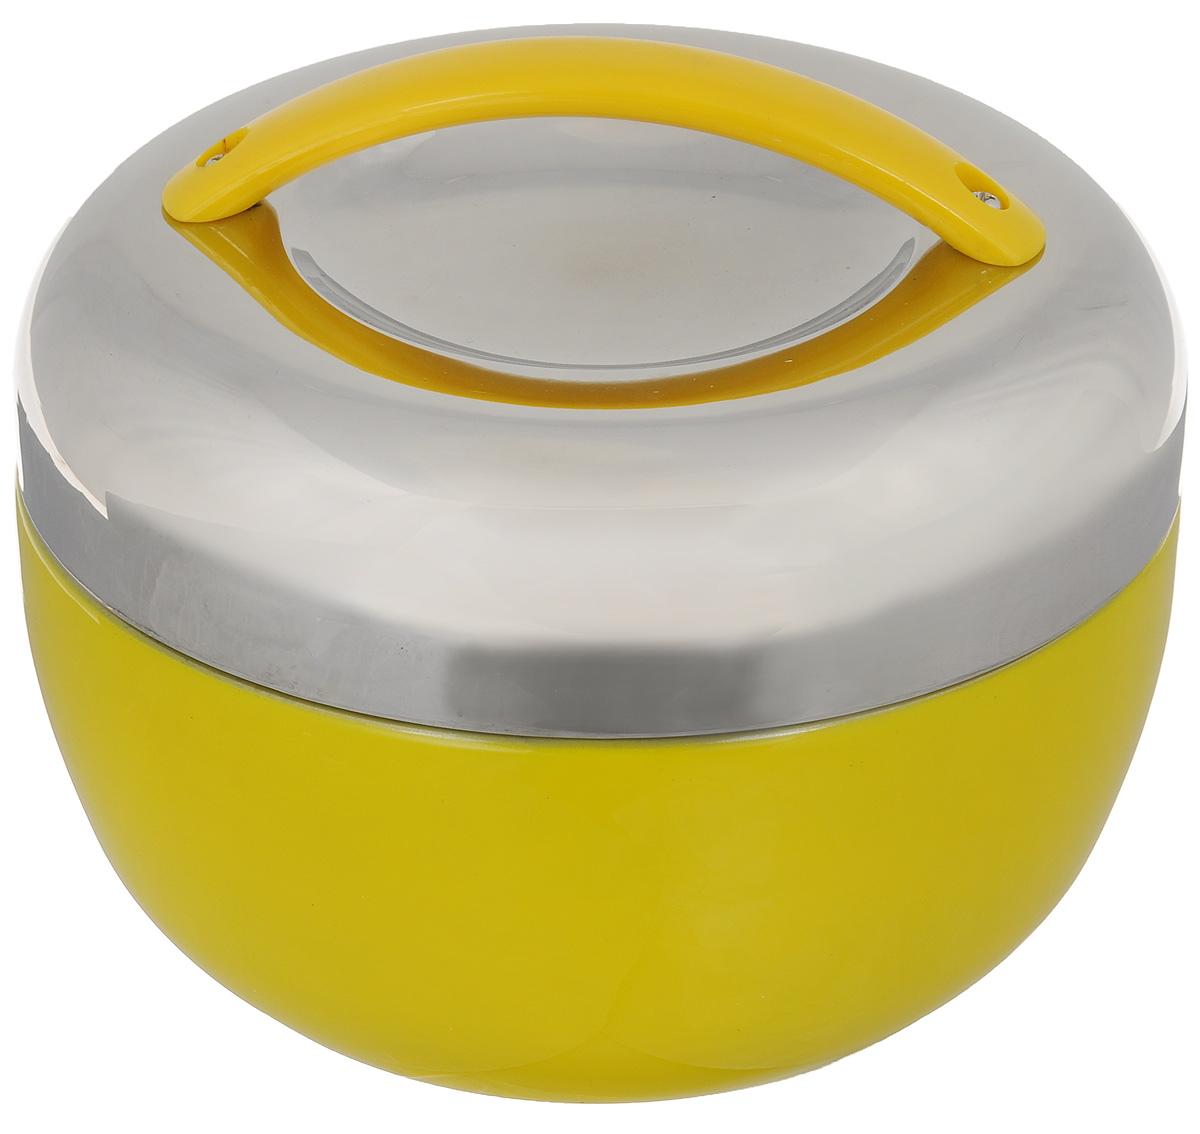 Термос для еды Mayer & Boch, цвет: желтый, стальной, 1,3 л20688_желтыйТермос с широким горлом Mayer & Boch выполнен из высококачественной нержавеющей стали. Термос прост в использовании и очень функционален. В комплекте металлическая миска. Термос оснащен пластиковой ручкой для удобной переноски.Легкий и прочный термос Mayer & Boch сохранит вашу еду горячей или холодной надолго.Можно мыть в посудомоечной машине.Сохранение температуры: 4-6 часов.Высота (с учетом крышки): 13 см.Диаметр по верхнему краю: 16,5 см.Диаметр дна: 11 см.Размер контейнера: 15,5 х 15,5 х 2,5 см.